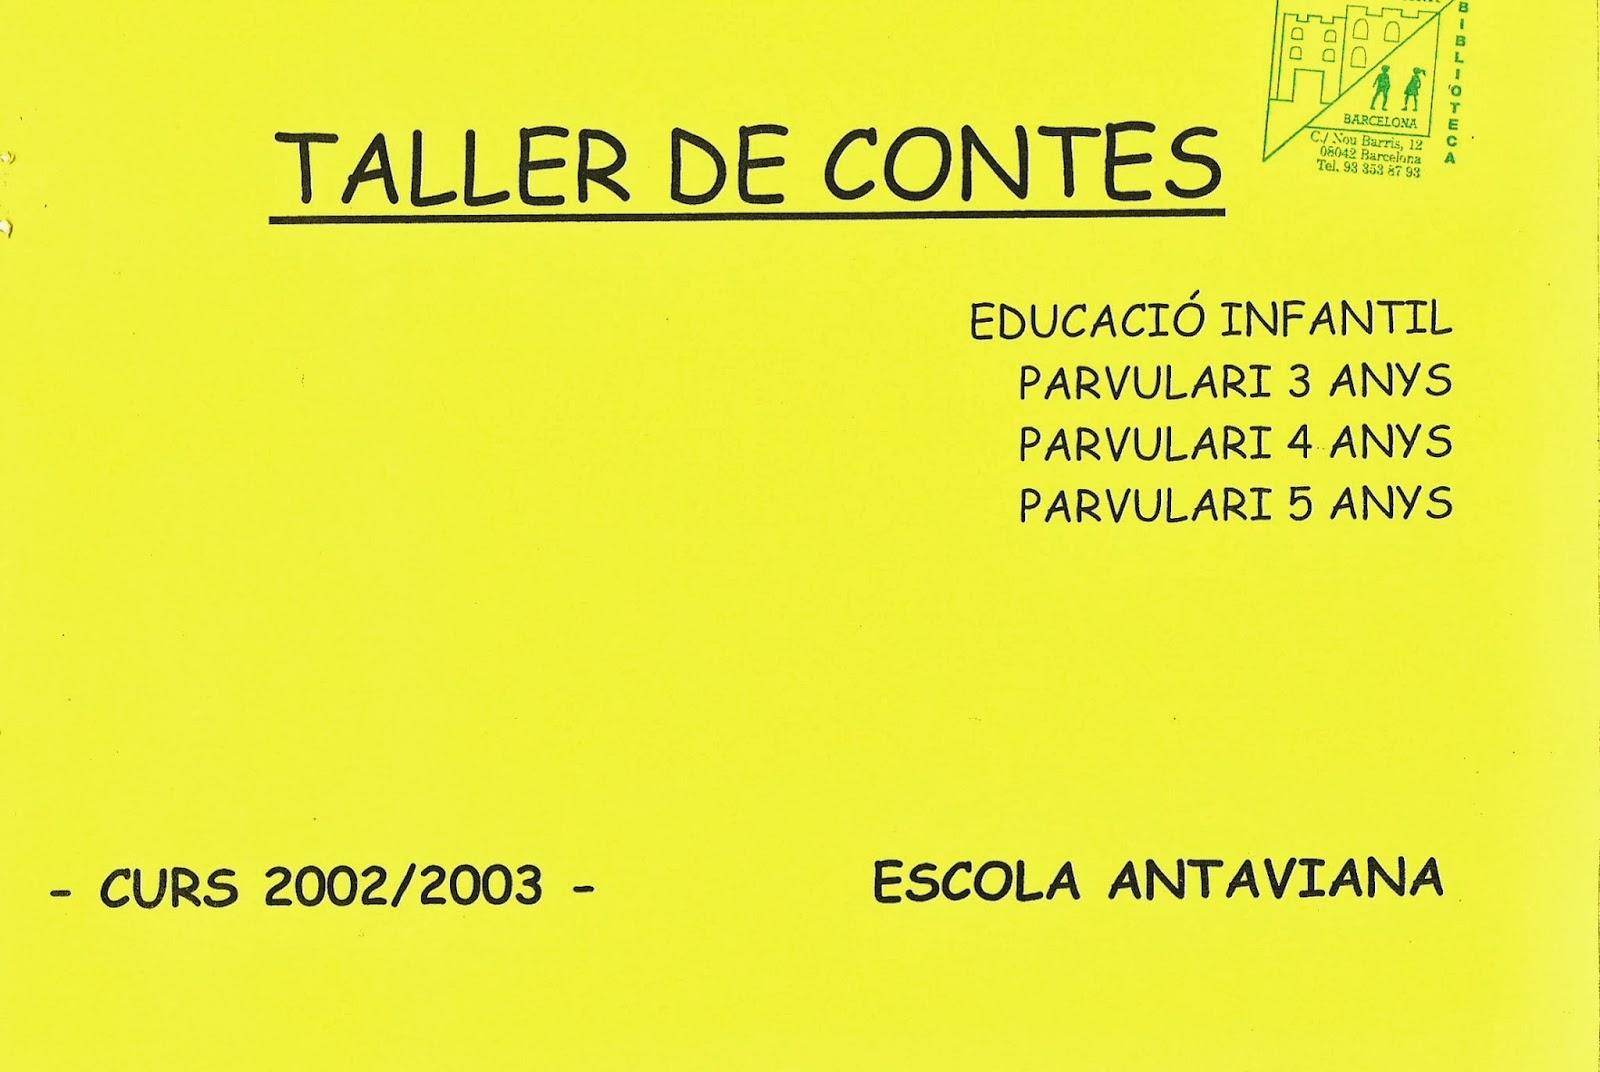 http://issuu.com/blocsdantaviana/docs/tercer_taller_de_contes_a_e.i._2002